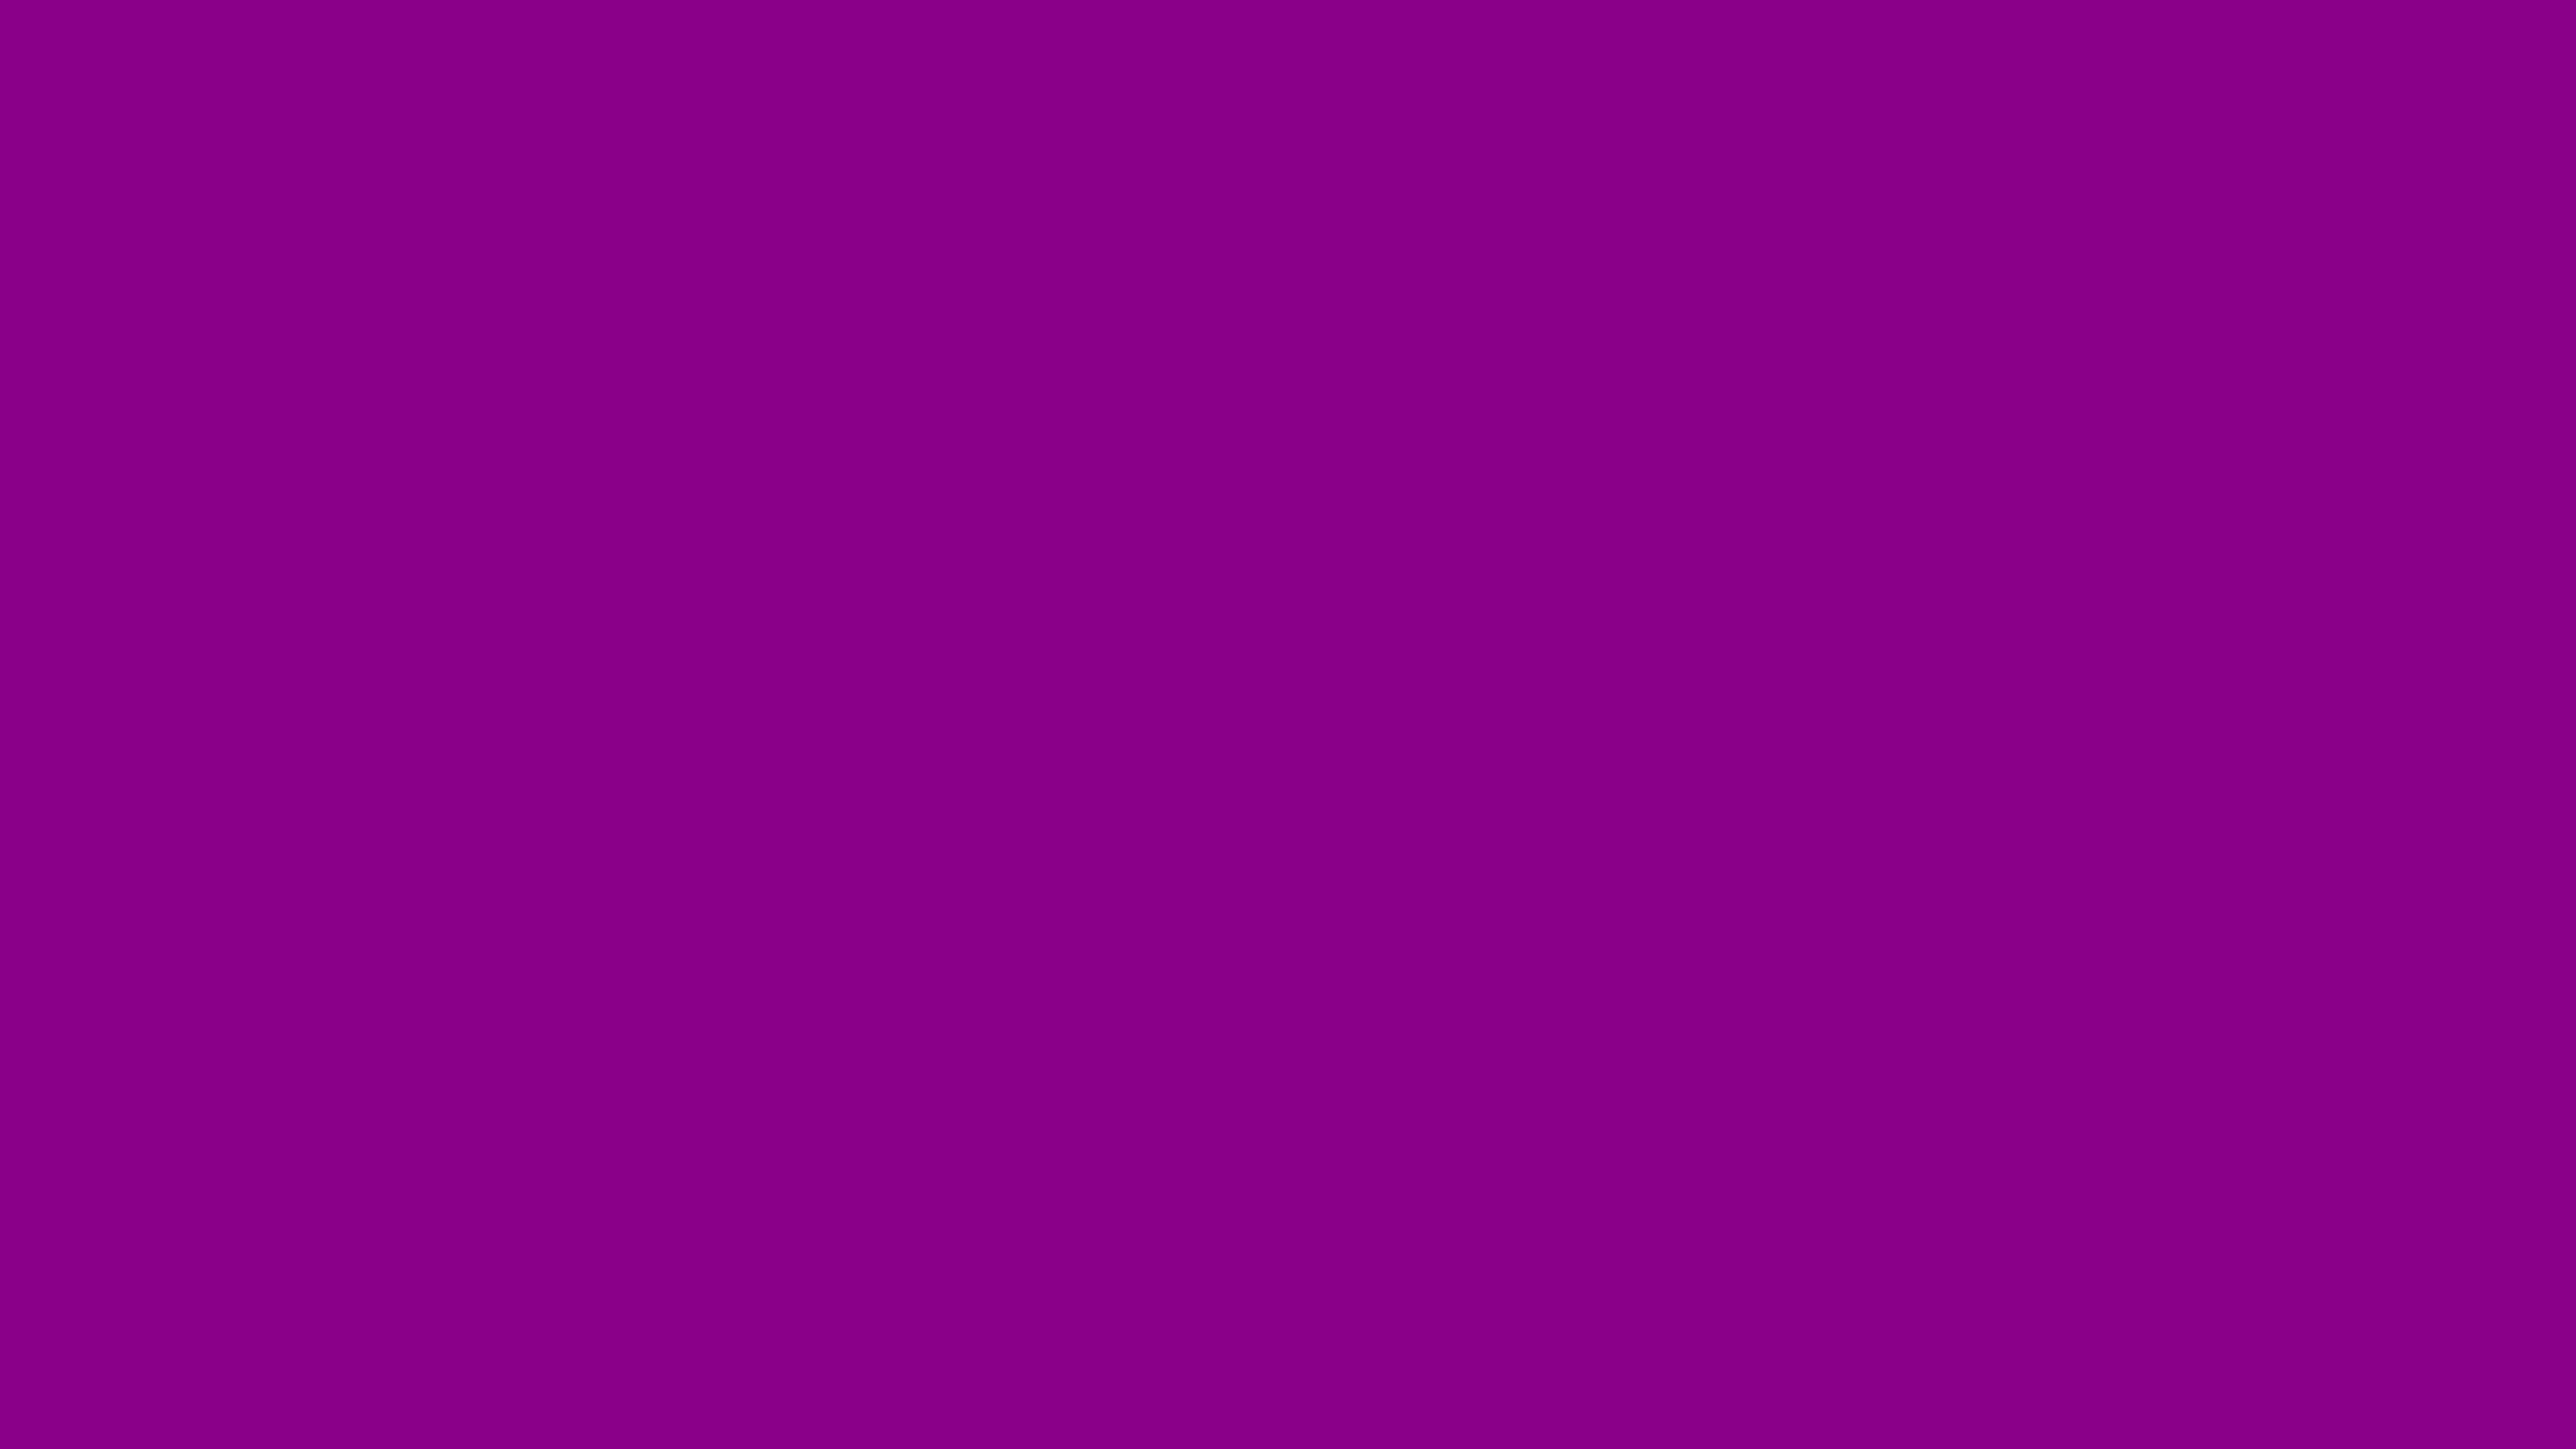 4096x2304 Dark Magenta Solid Color Background